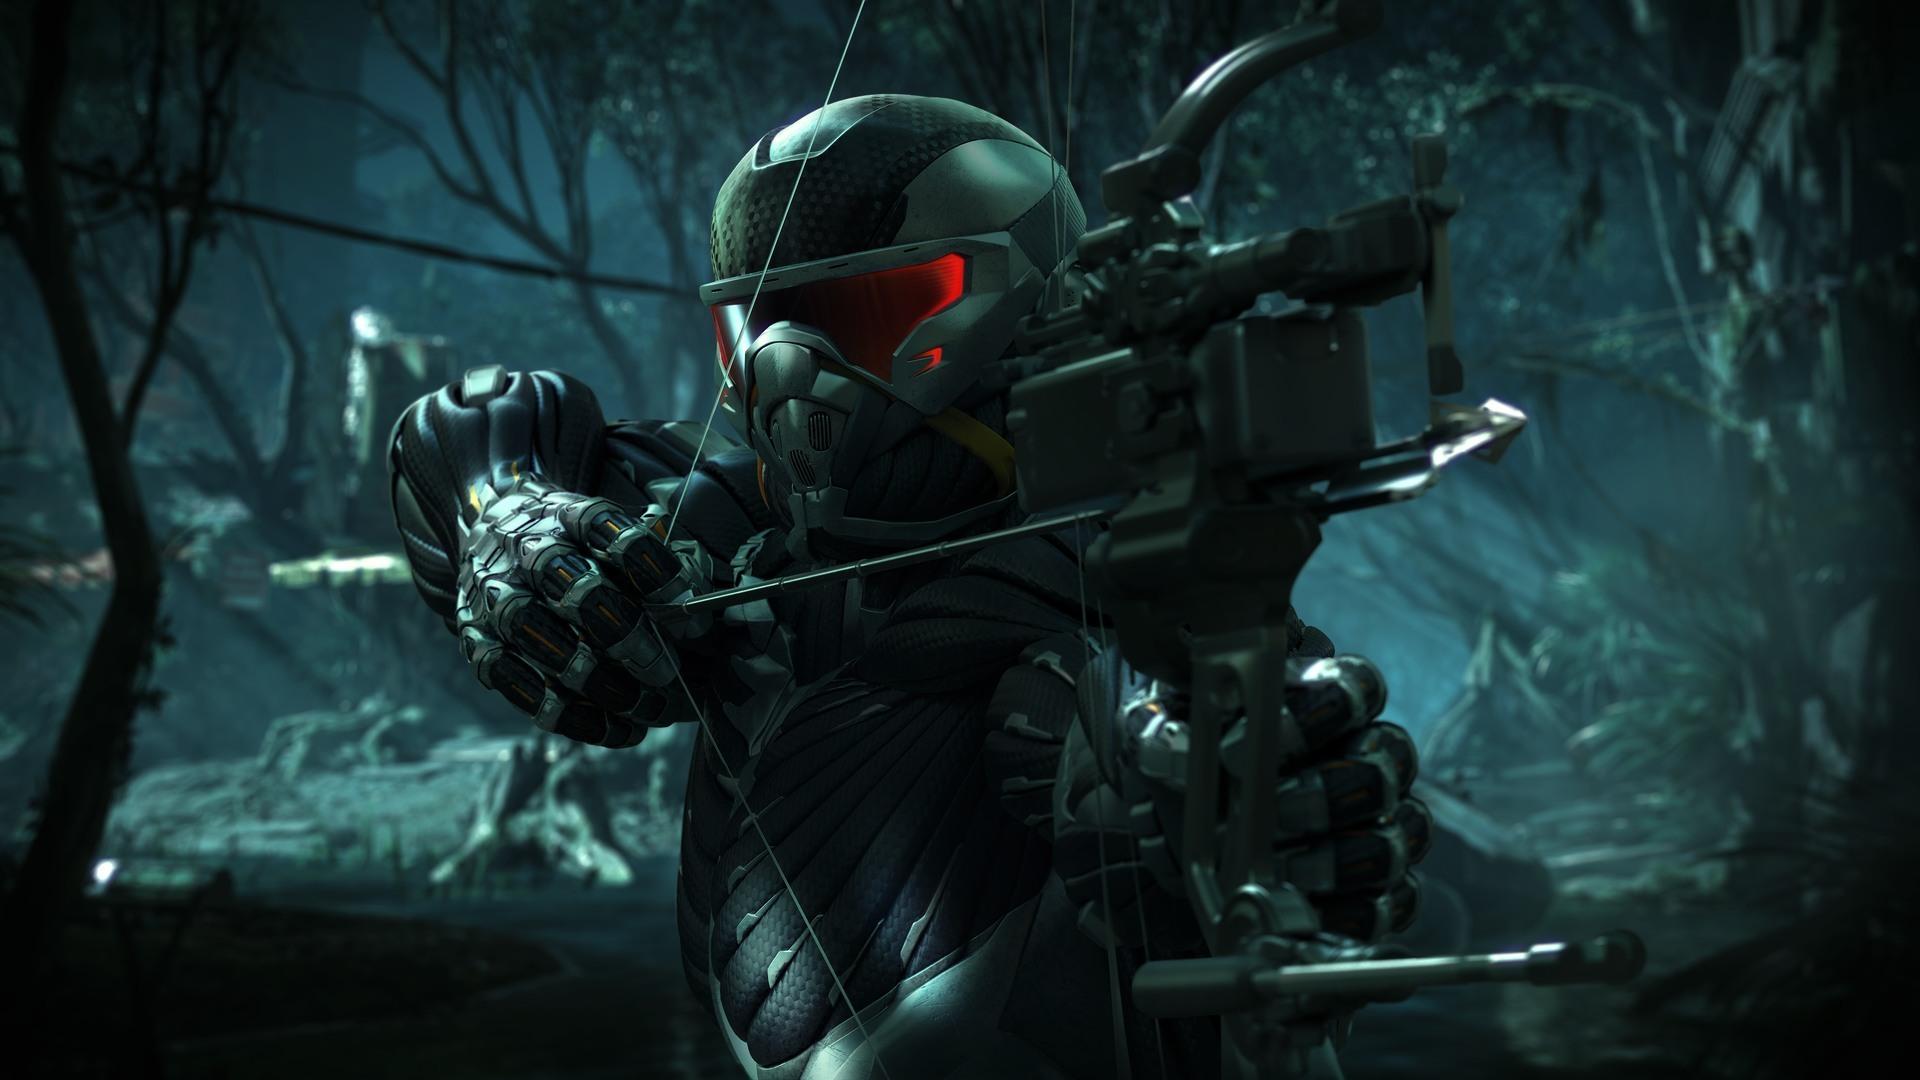 Fondos de Pantalla Crysis Crysis 3 Asaeteador Arco arma Juegos ...